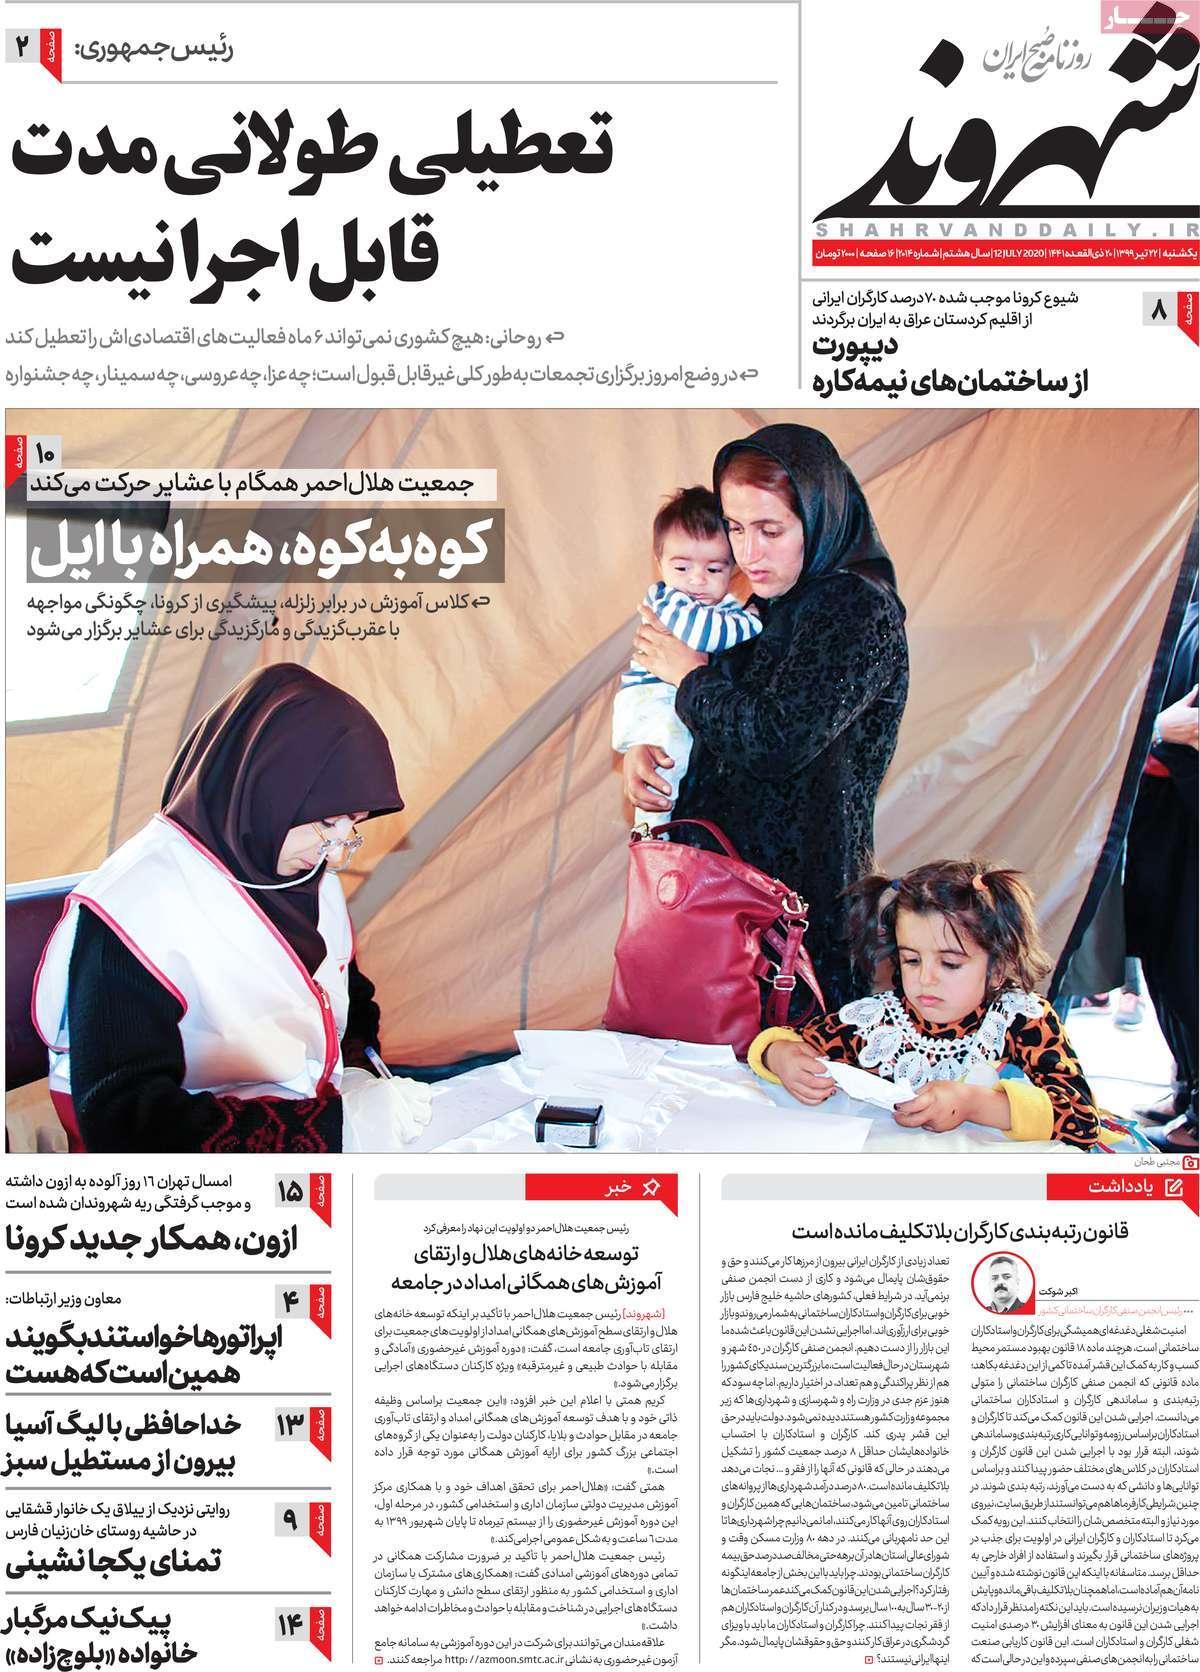 eddb904a عناوین روزنامه های امروز شنبه 22 تیر 99 + تصویر